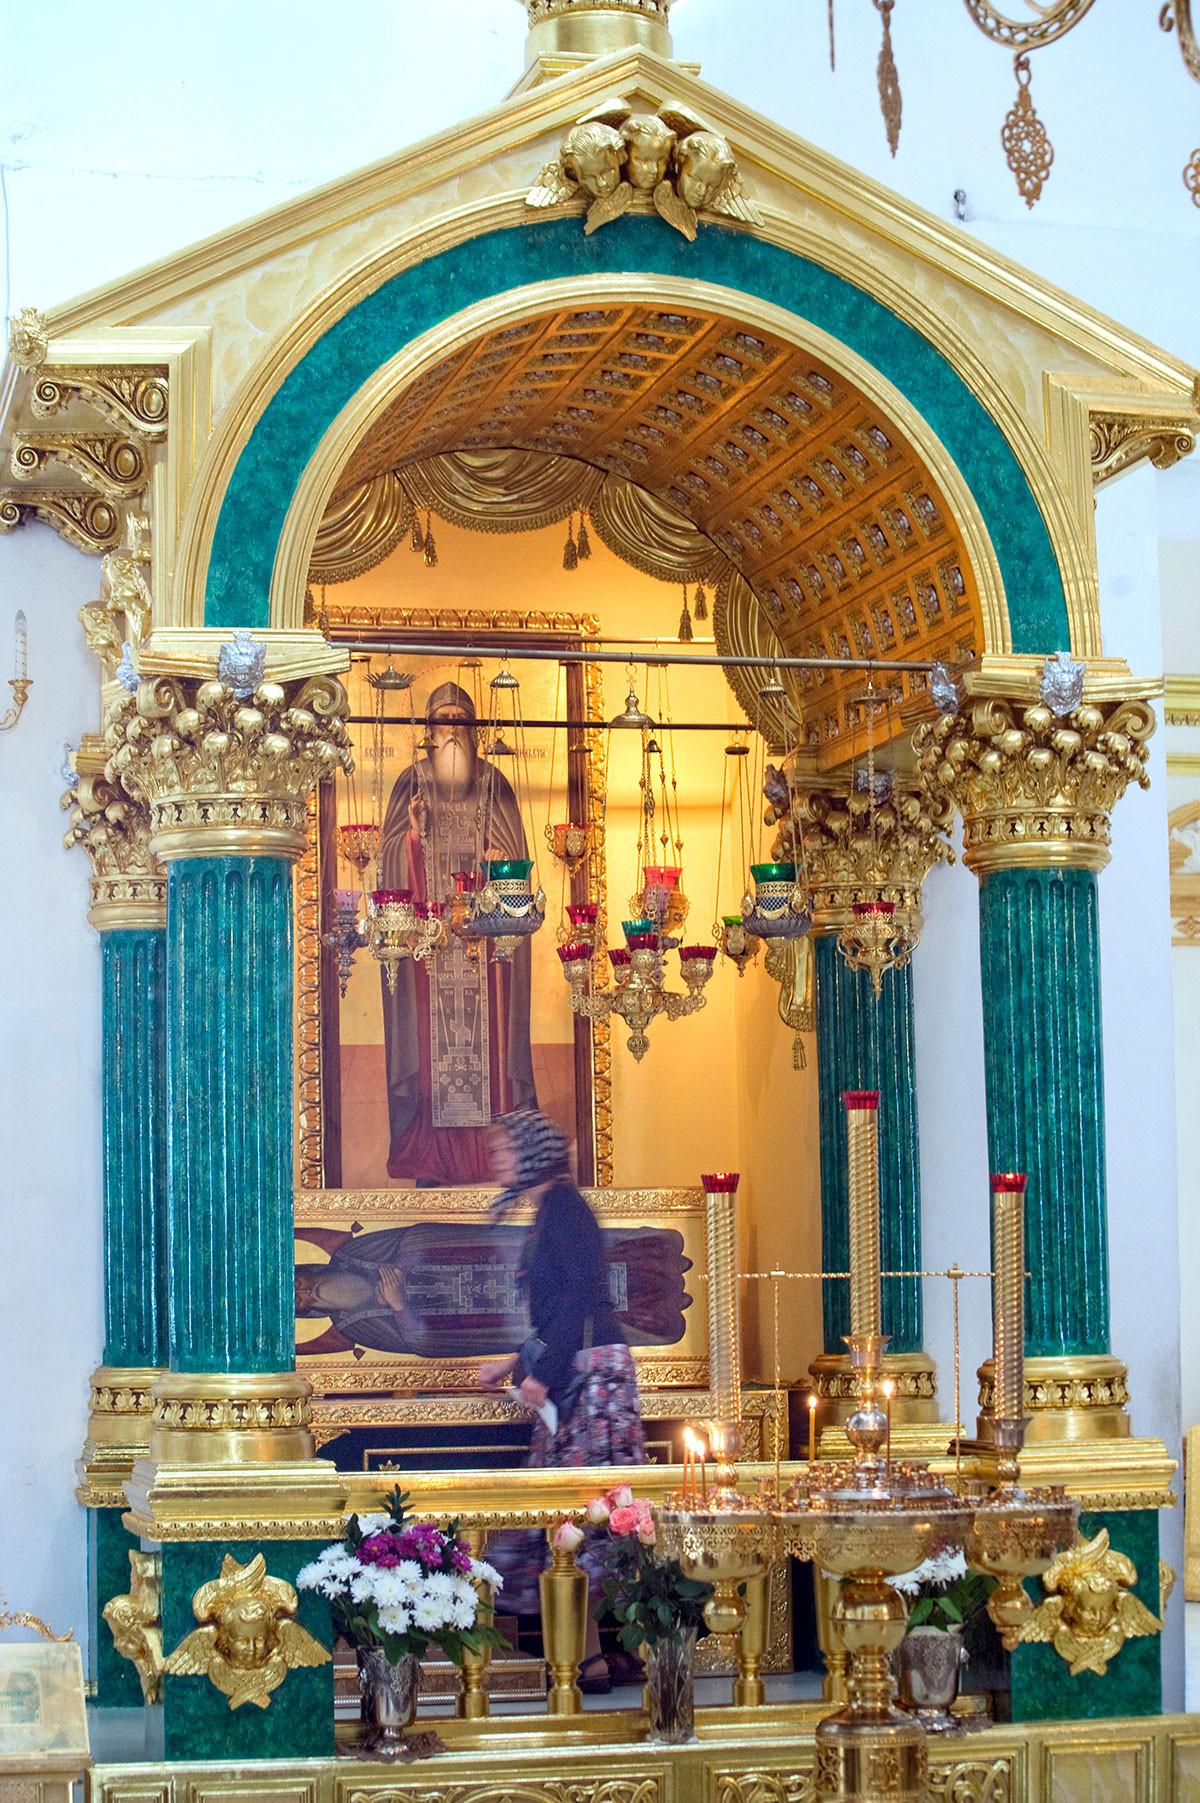 Cathédrale de l'Épiphanie. Auvent avec sarcophage contenant les reliques de Saint Nil